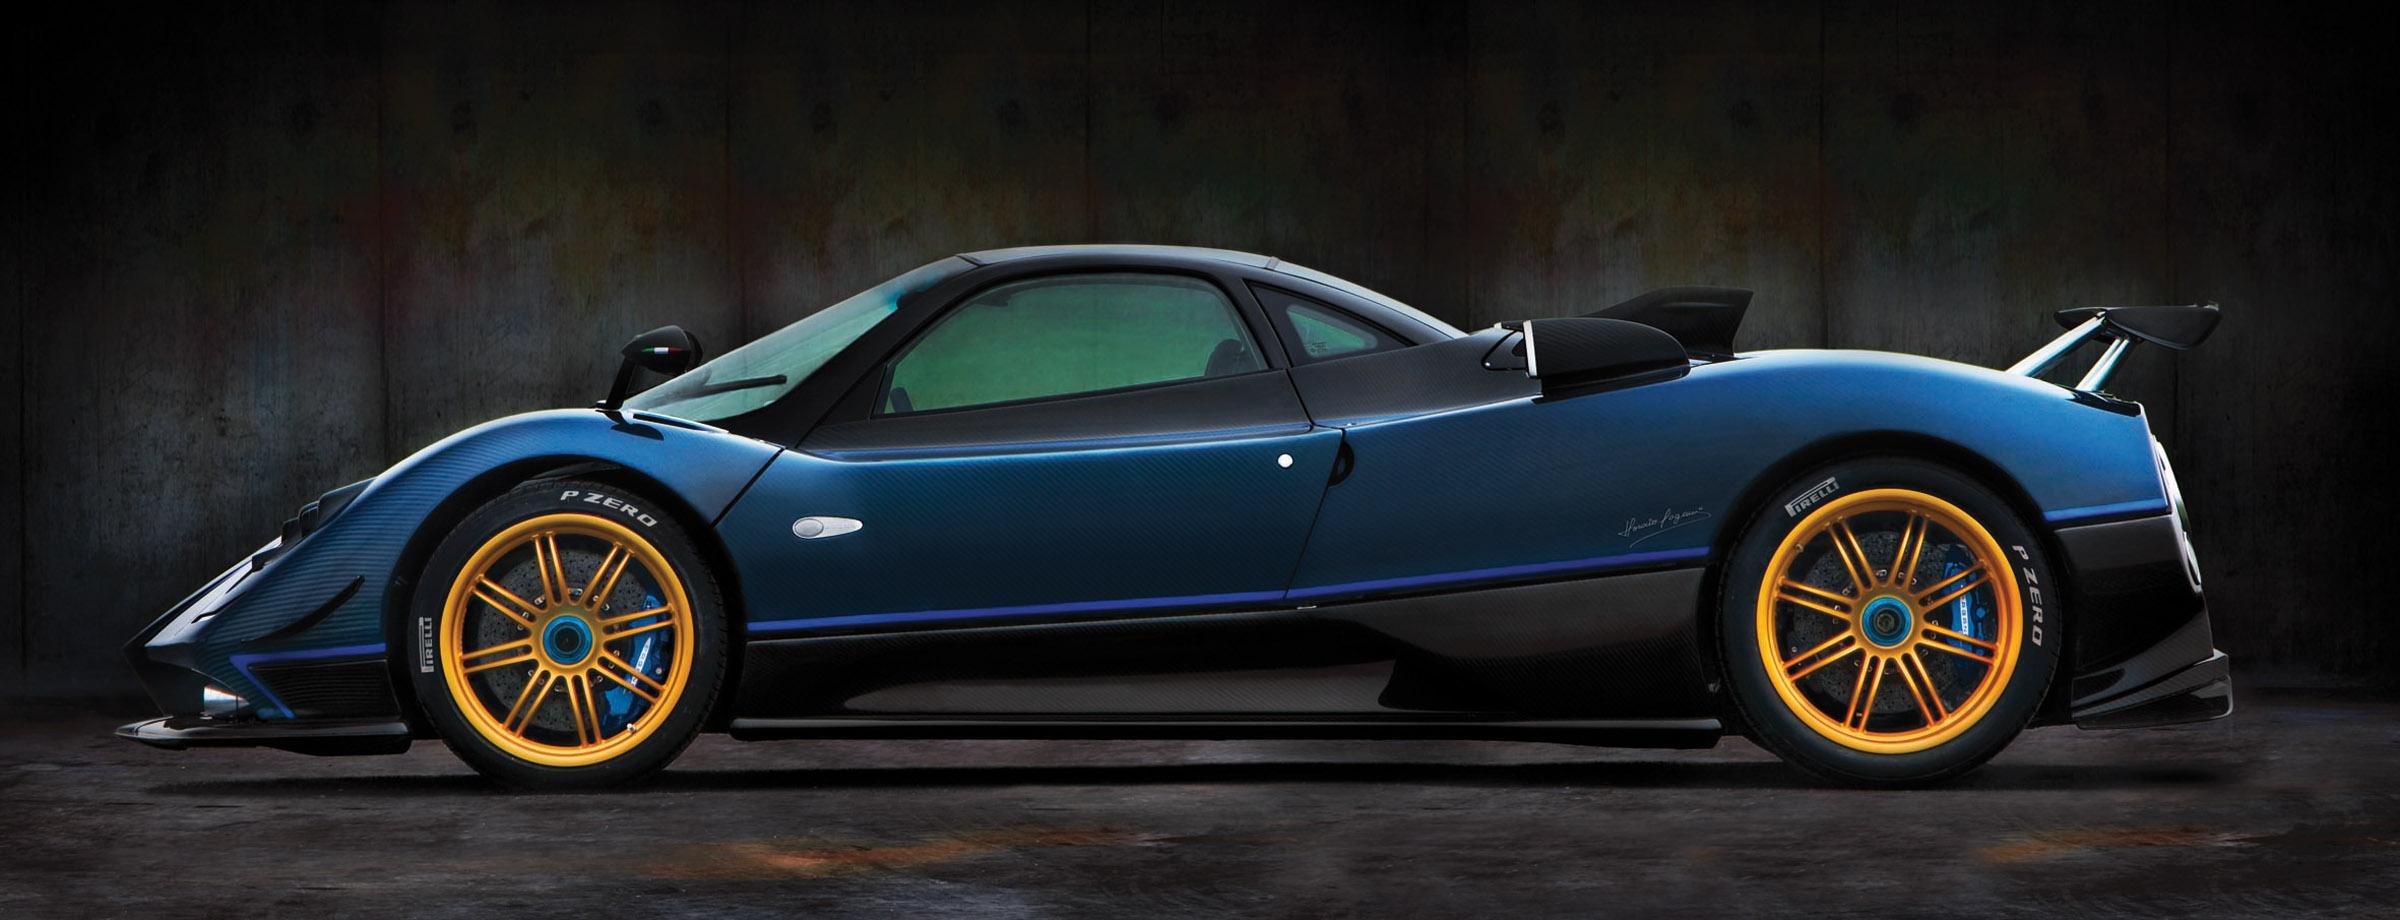 Pagani Automobili Unveils One Off Edition Zonda Tricolore